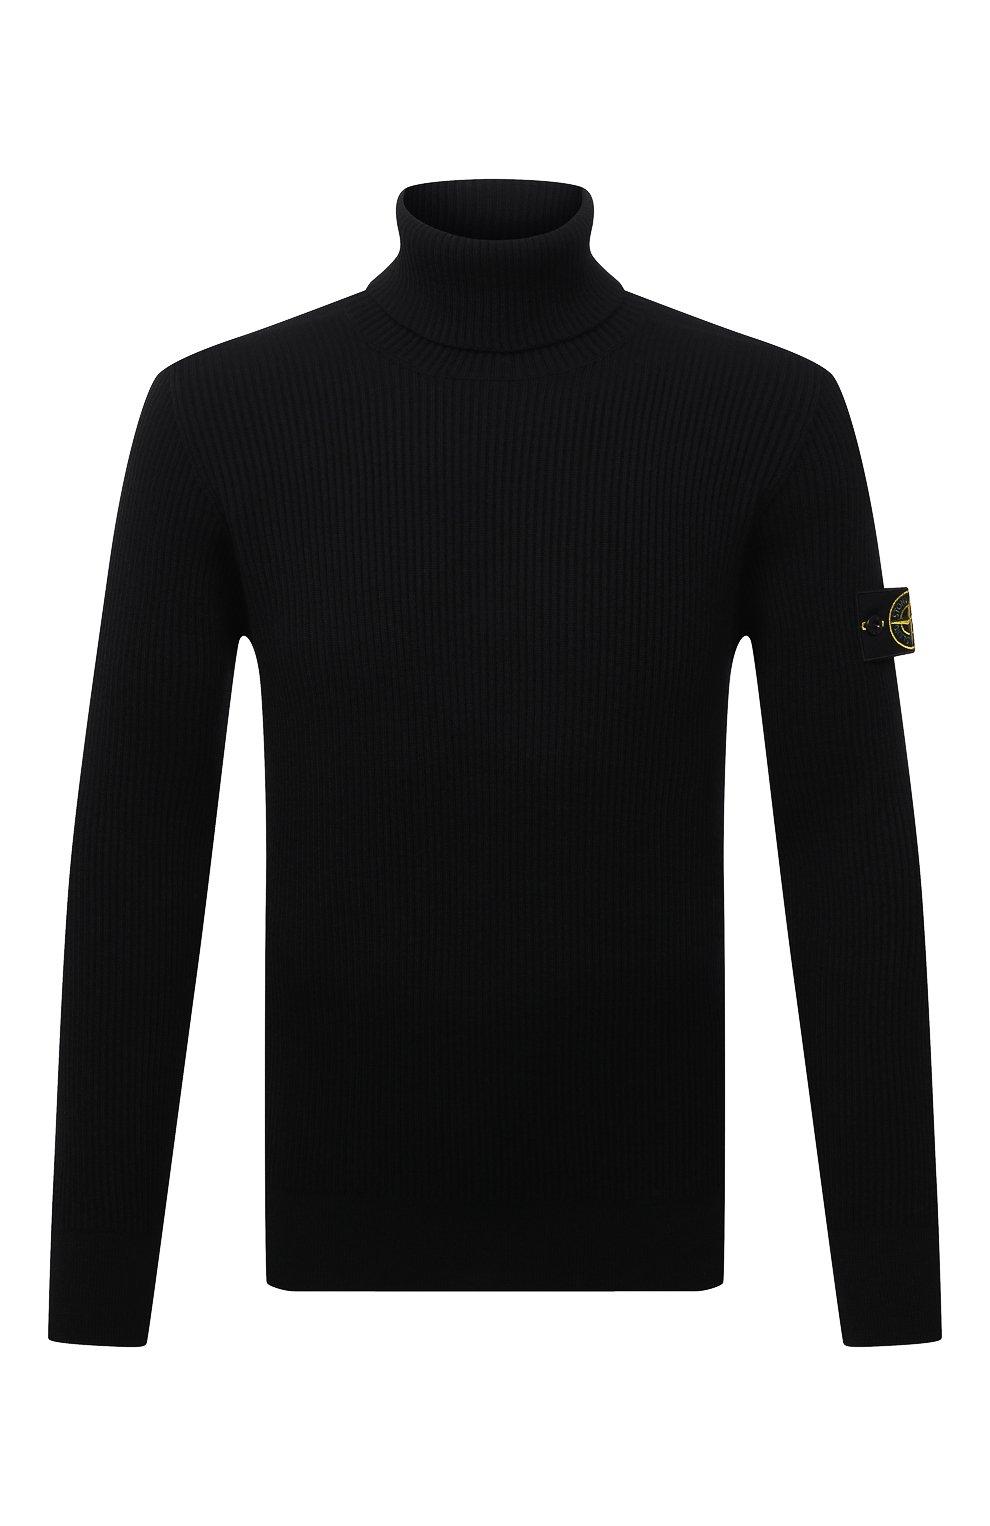 Мужской шерстяной свитер STONE ISLAND темно-синего цвета, арт. 7515525C2 | Фото 1 (Материал внешний: Шерсть; Рукава: Длинные; Принт: Без принта; Длина (для топов): Стандартные; Мужское Кросс-КТ: Свитер-одежда; Стили: Кэжуэл)